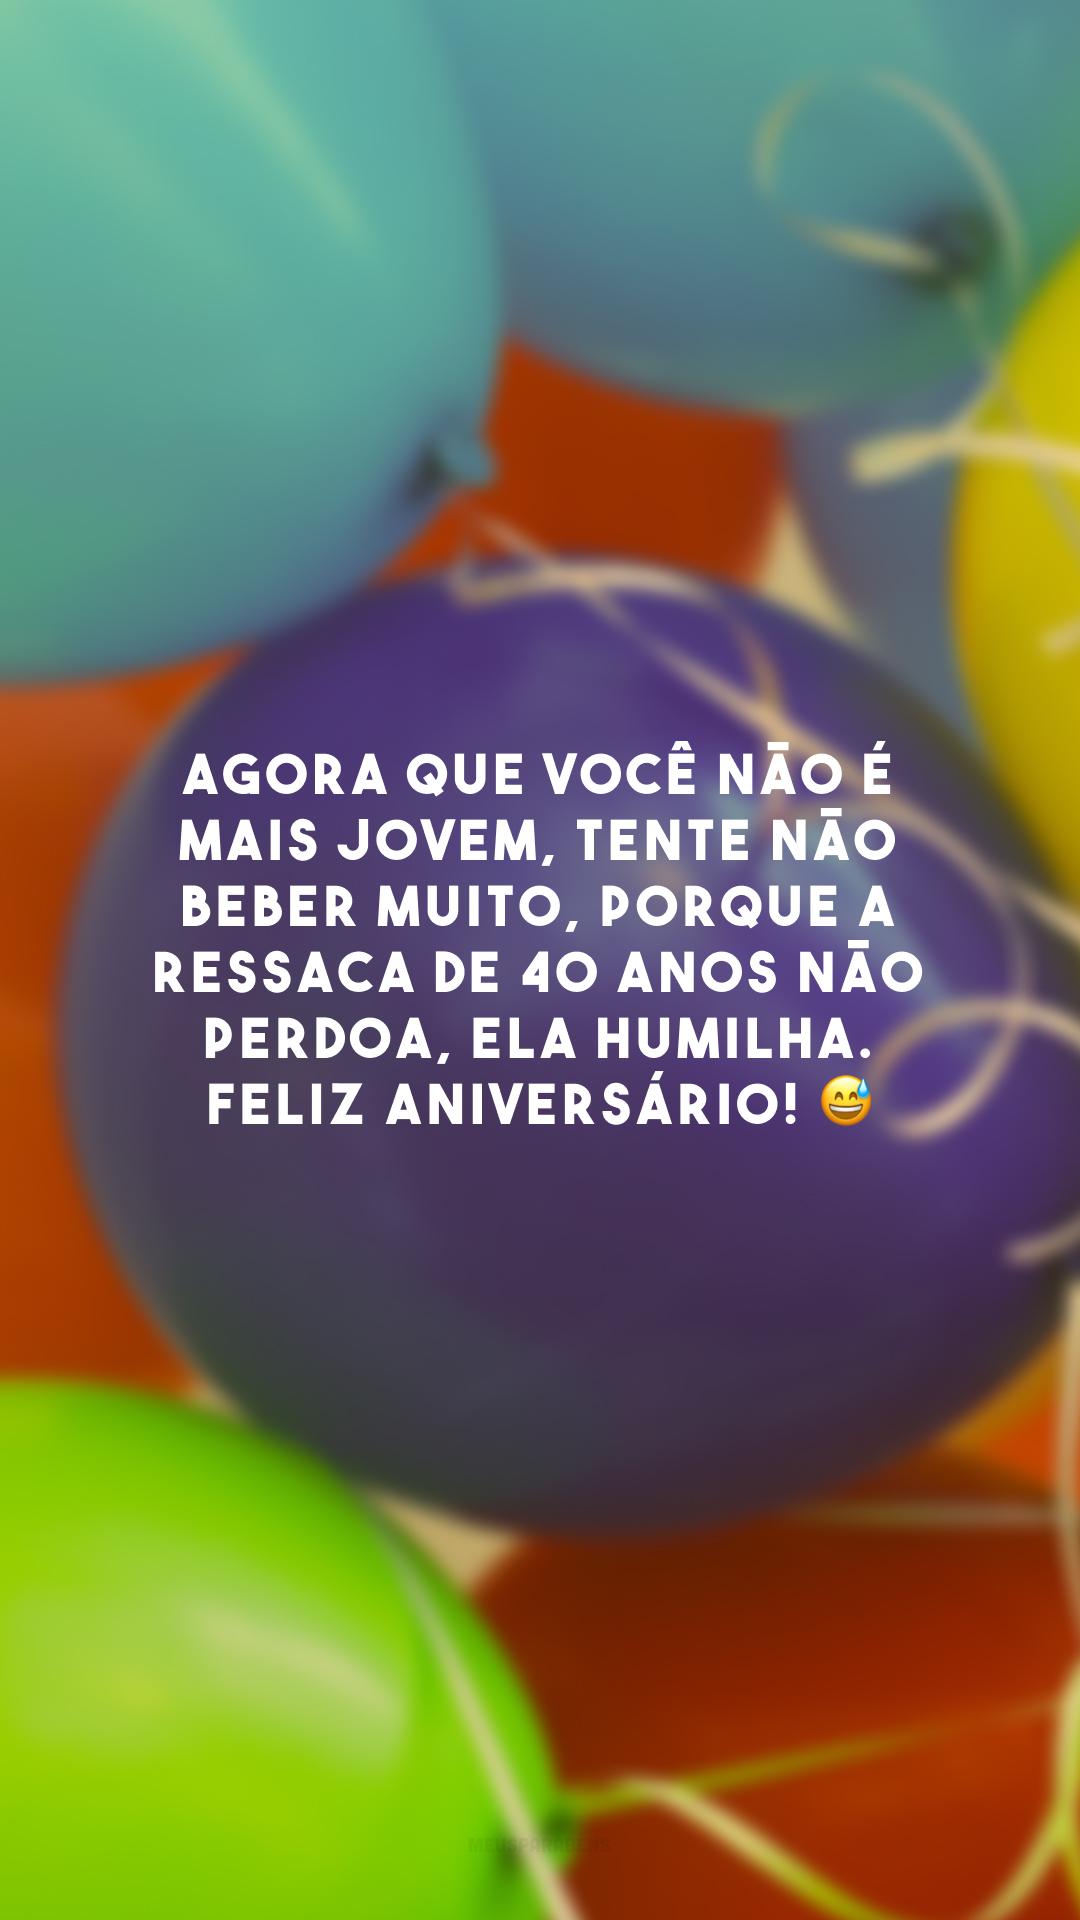 Agora que você não é mais jovem, tente não beber muito, porque a ressaca de 40 anos não perdoa, ela humilha. Feliz aniversário! 😅